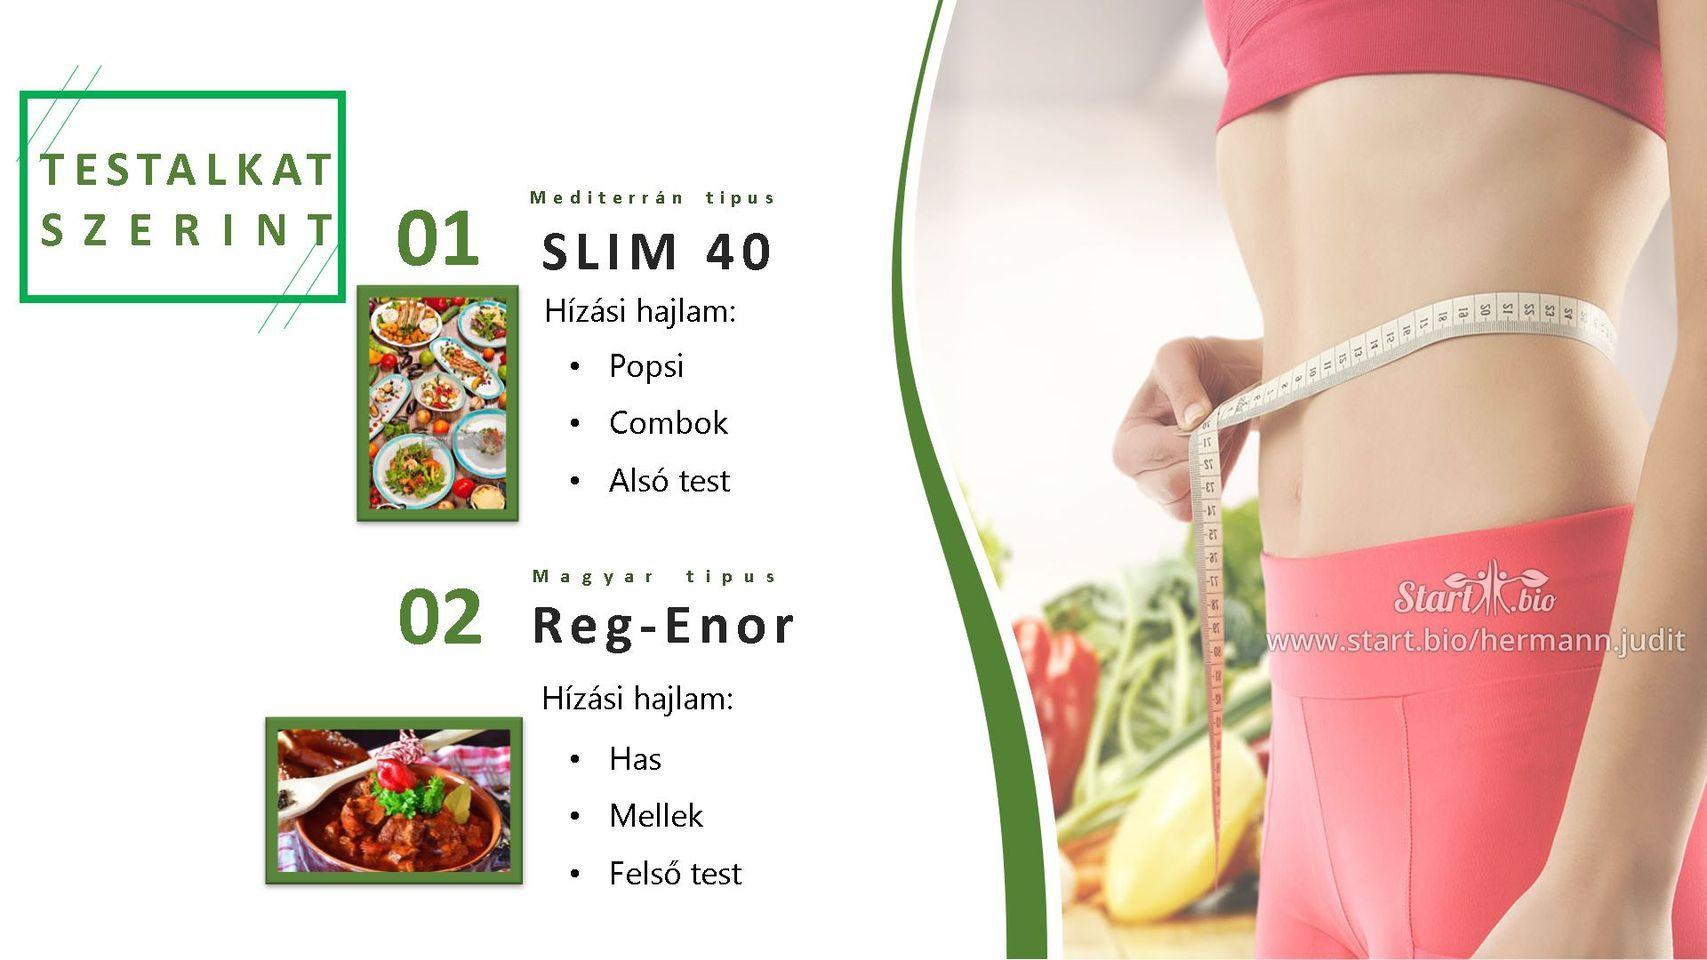 regenor slim 40 vélemények glikémiás indexű étrend